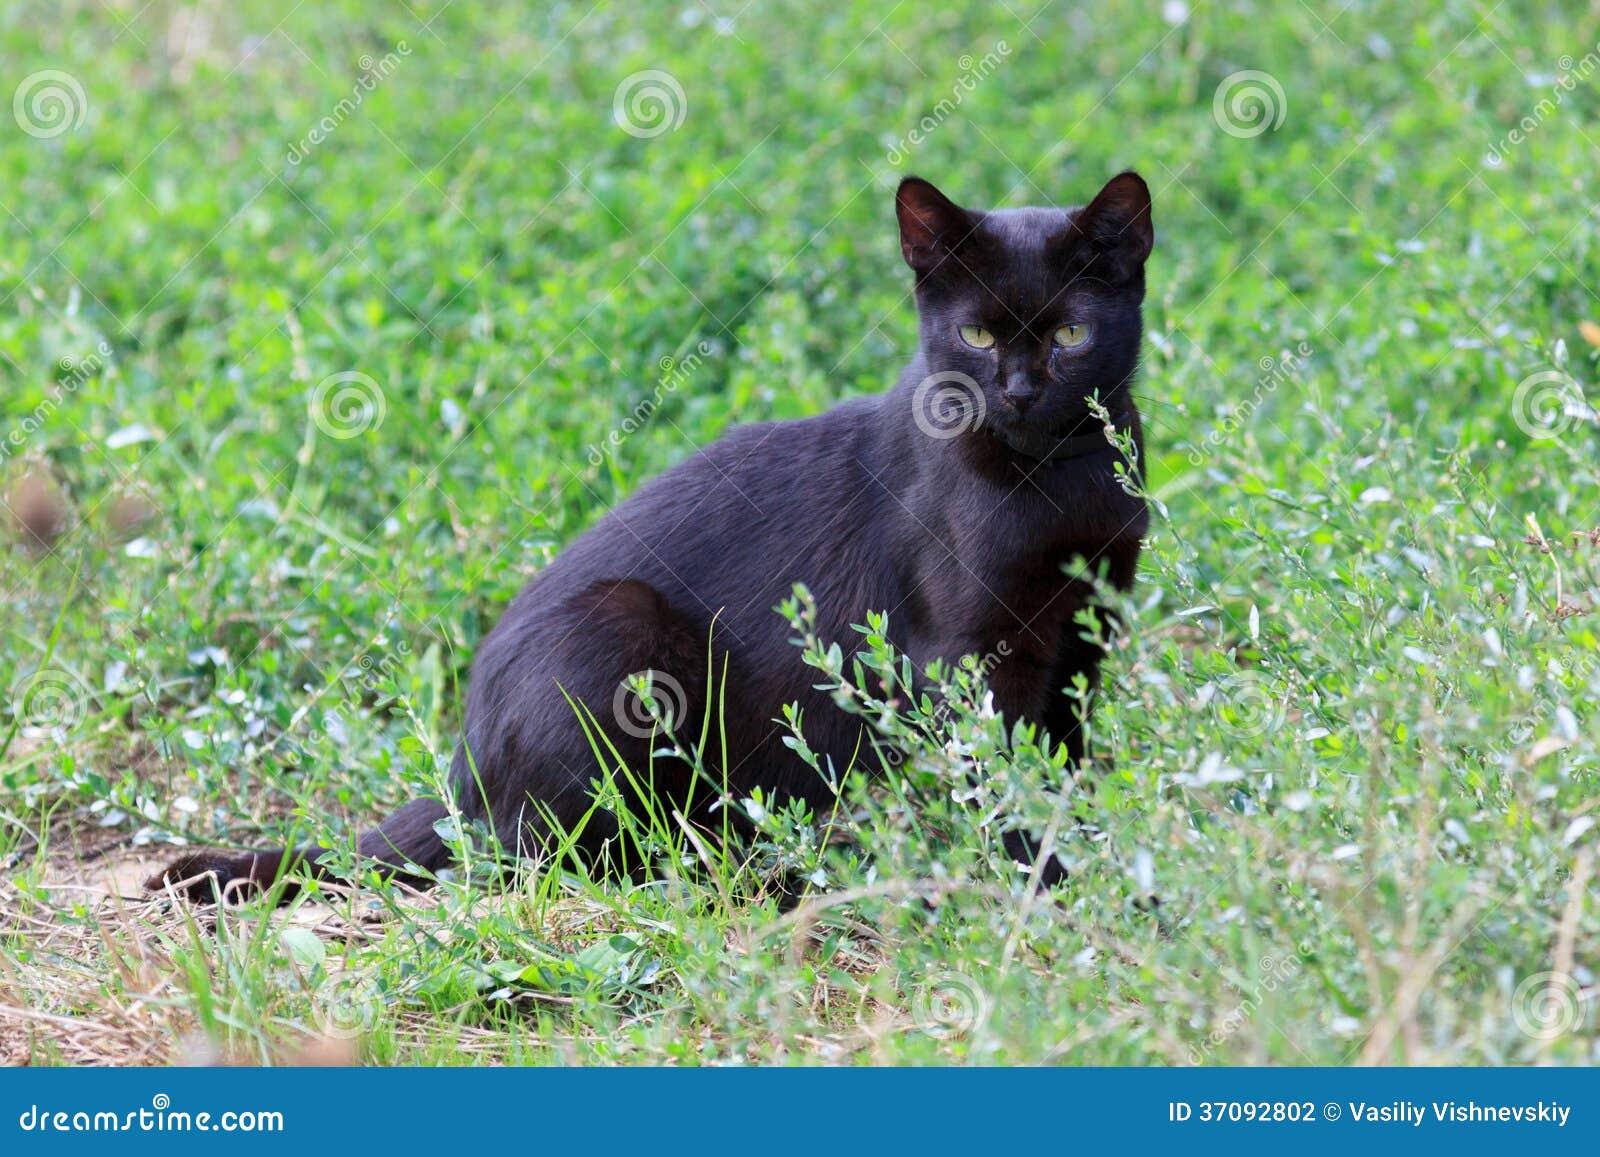 Download Kot. zdjęcie stock. Obraz złożonej z kiciunia, zwierzę - 37092802